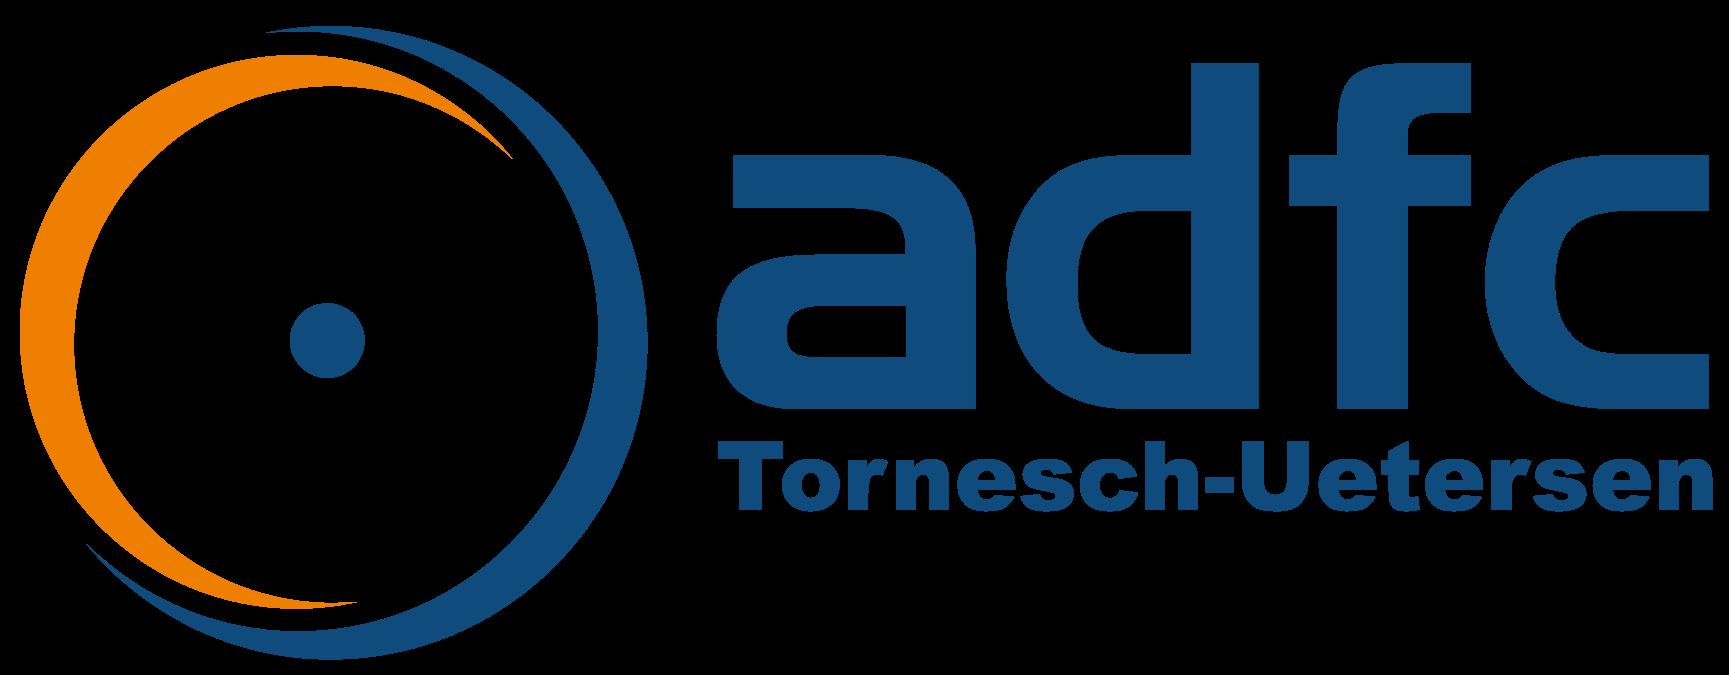 ADFC Tornesch-Uetersen